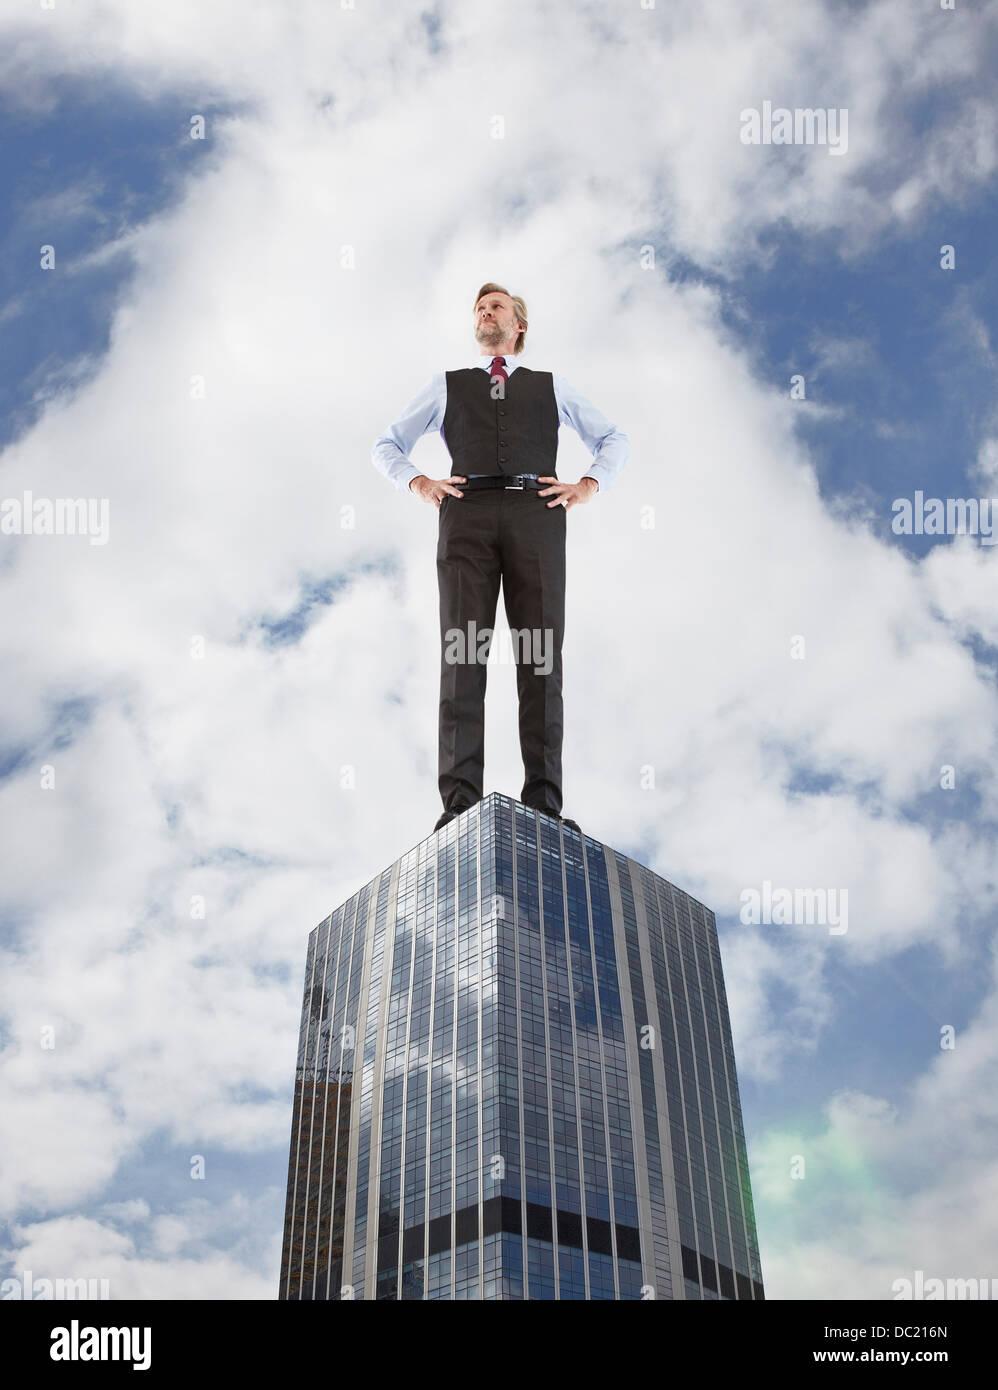 Übergroße Geschäftsmann auf Wolkenkratzer, niedrigen Winkel Ansicht stehen Stockbild